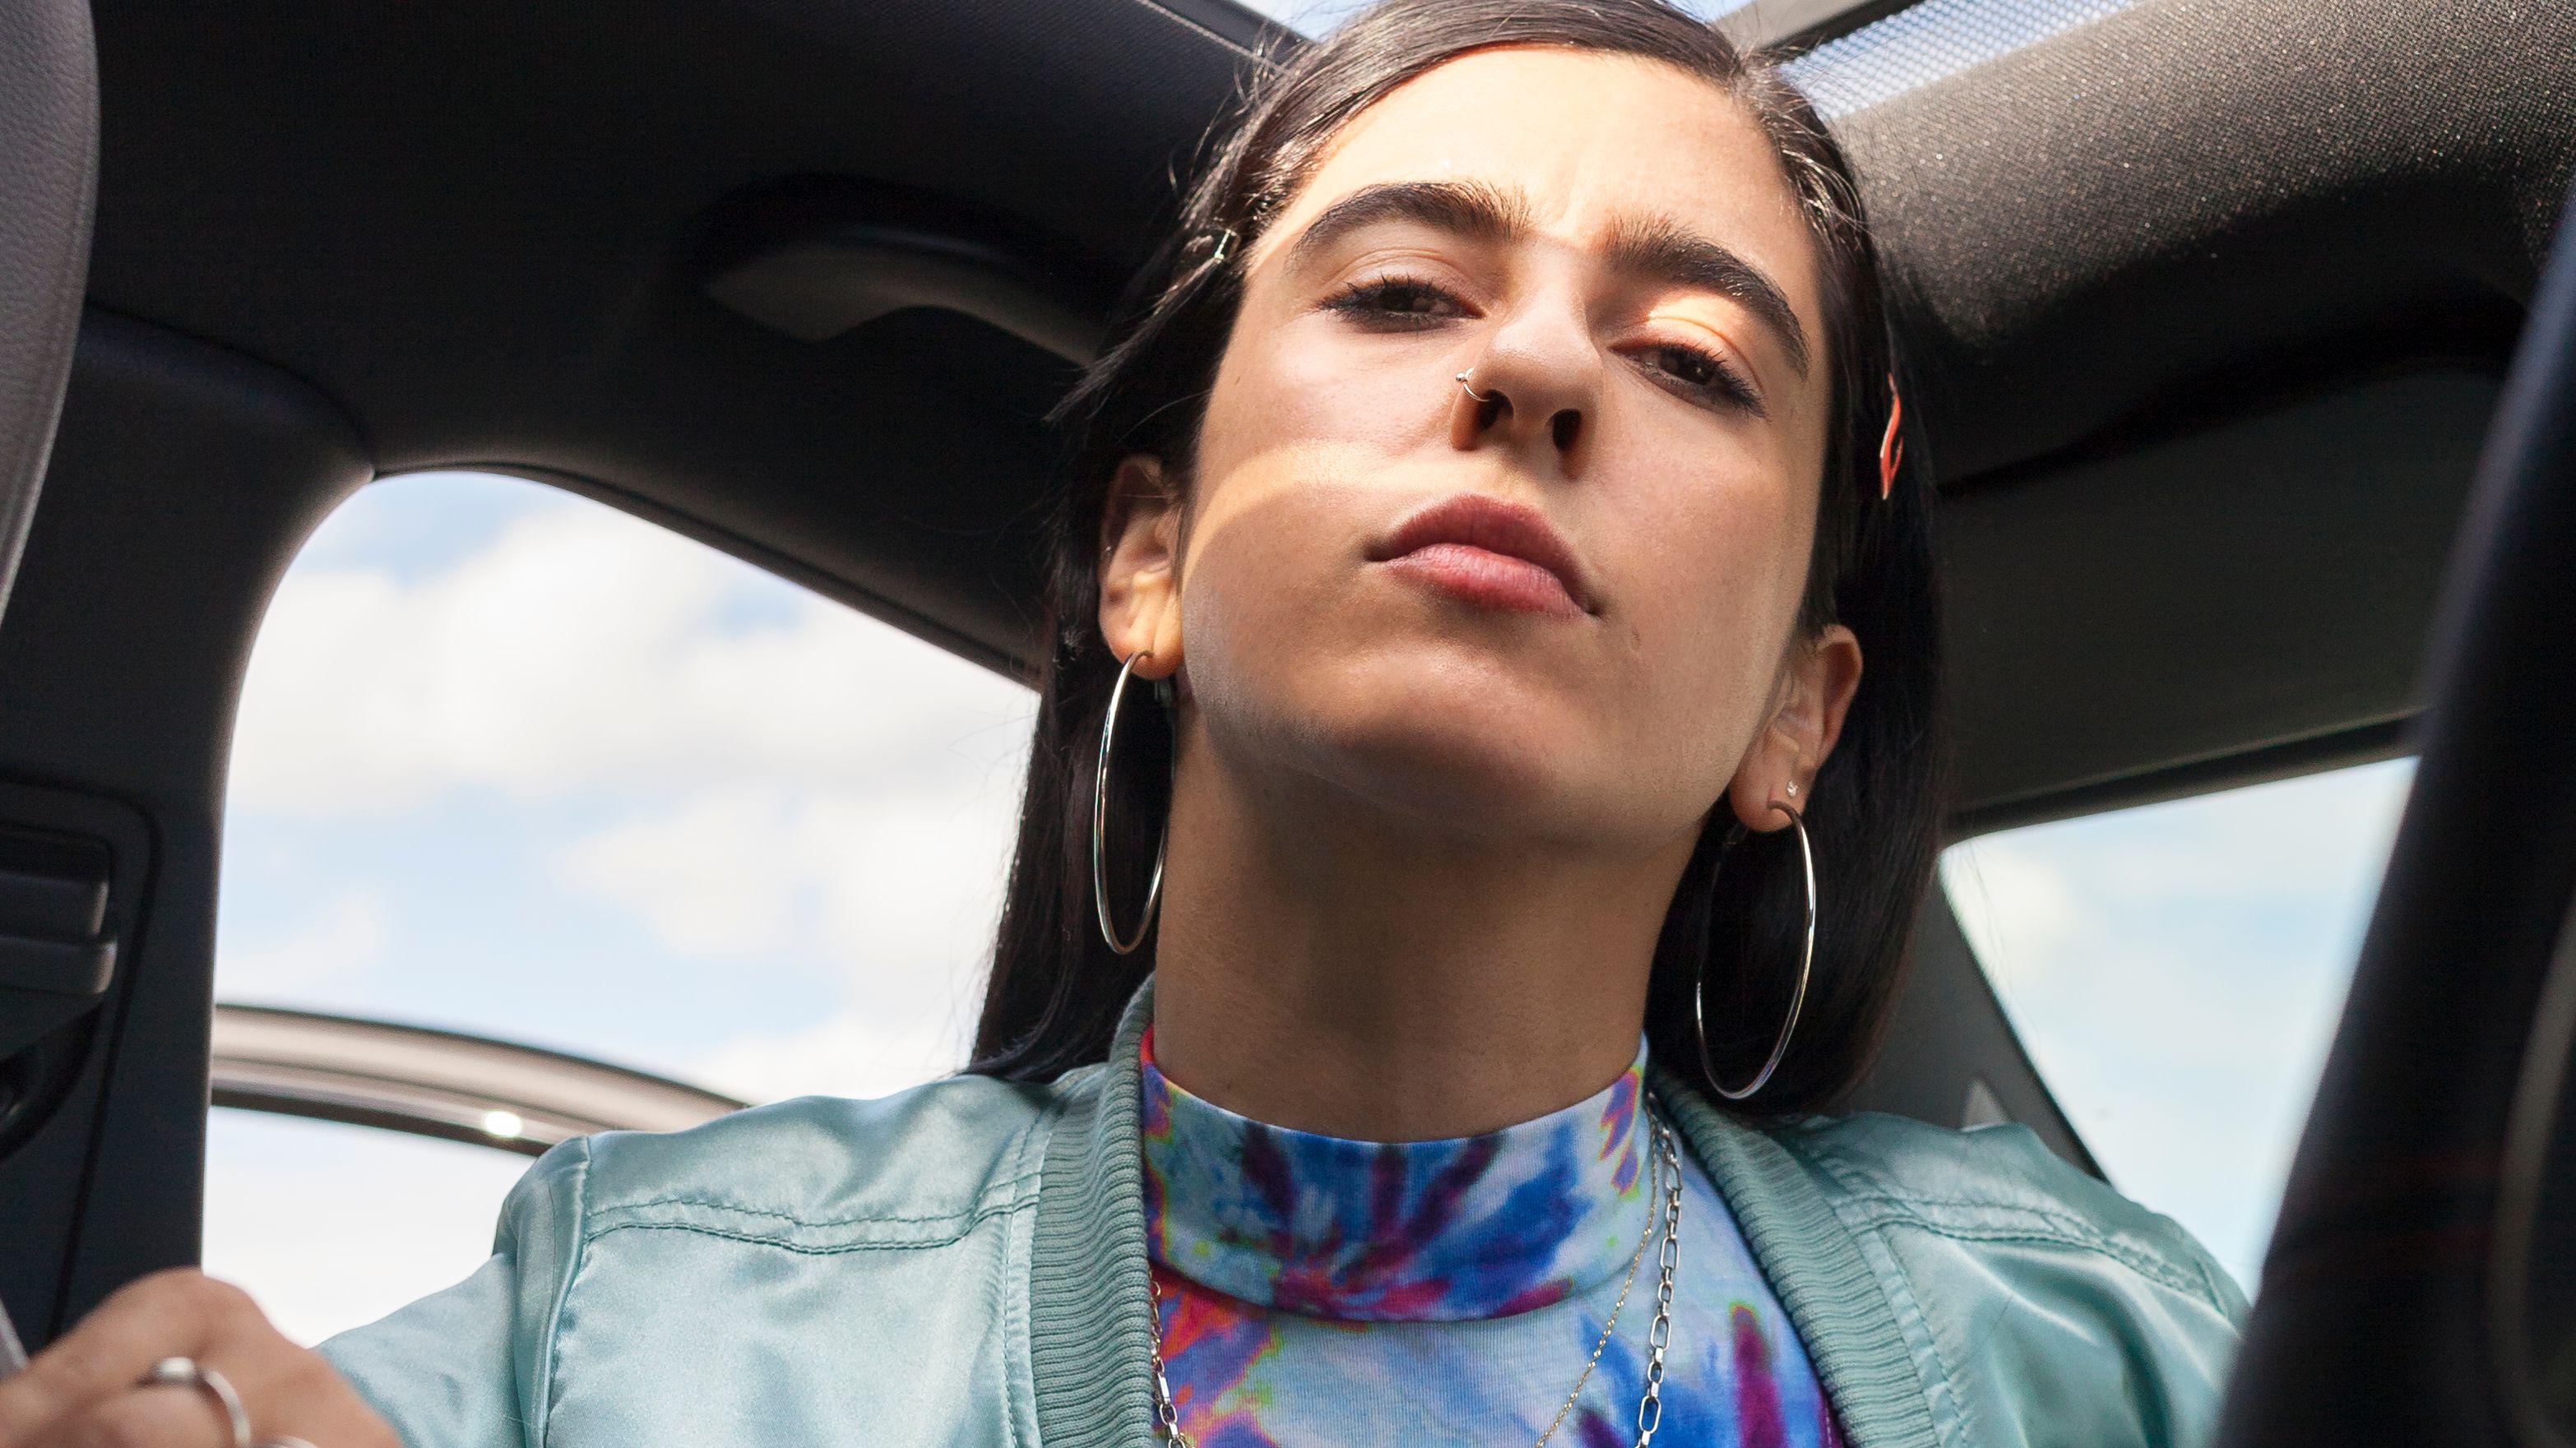 Autorin und Künstlerin Cemile Sahin blickt aus einem offenen Auto von oben herab in die Kamera